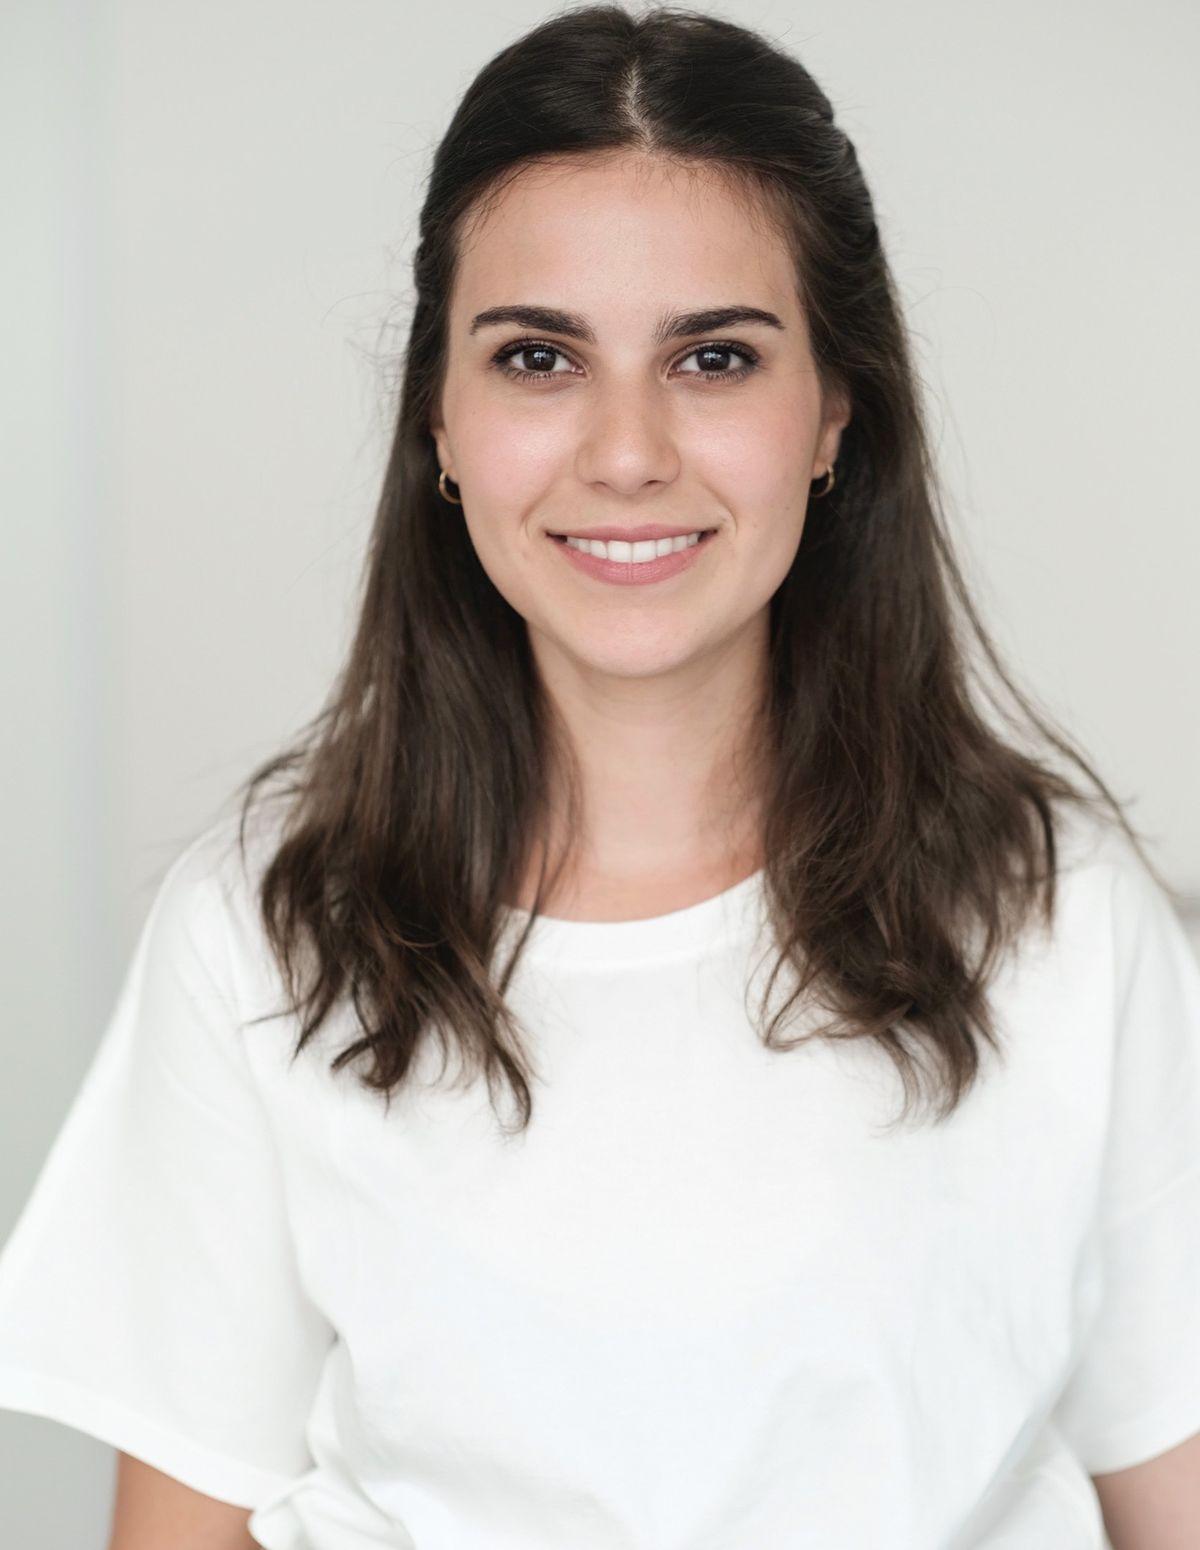 Dr. Alice Martin